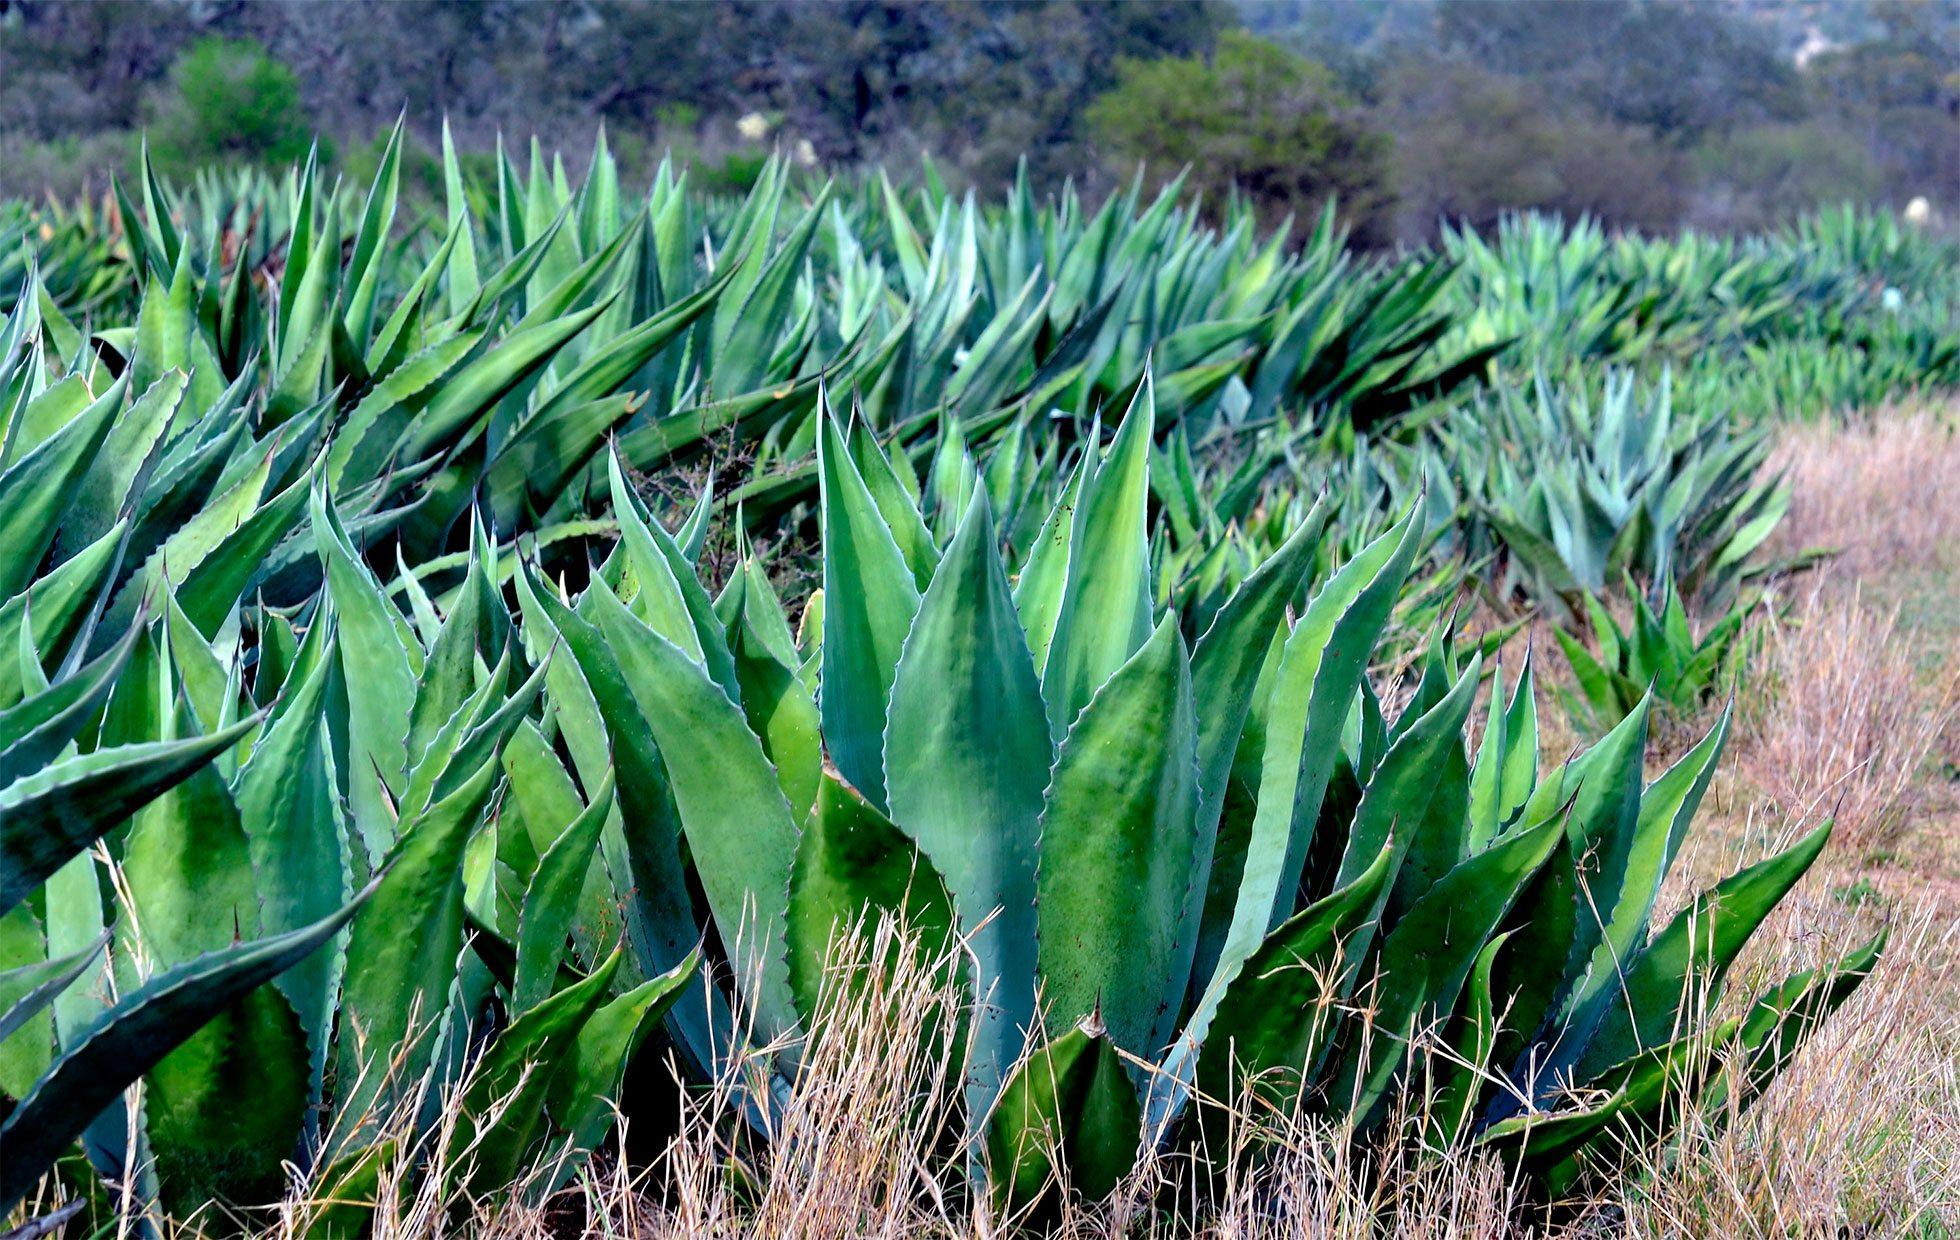 Científicos del Politécnico elaboran pan a partir de pulpa de agave